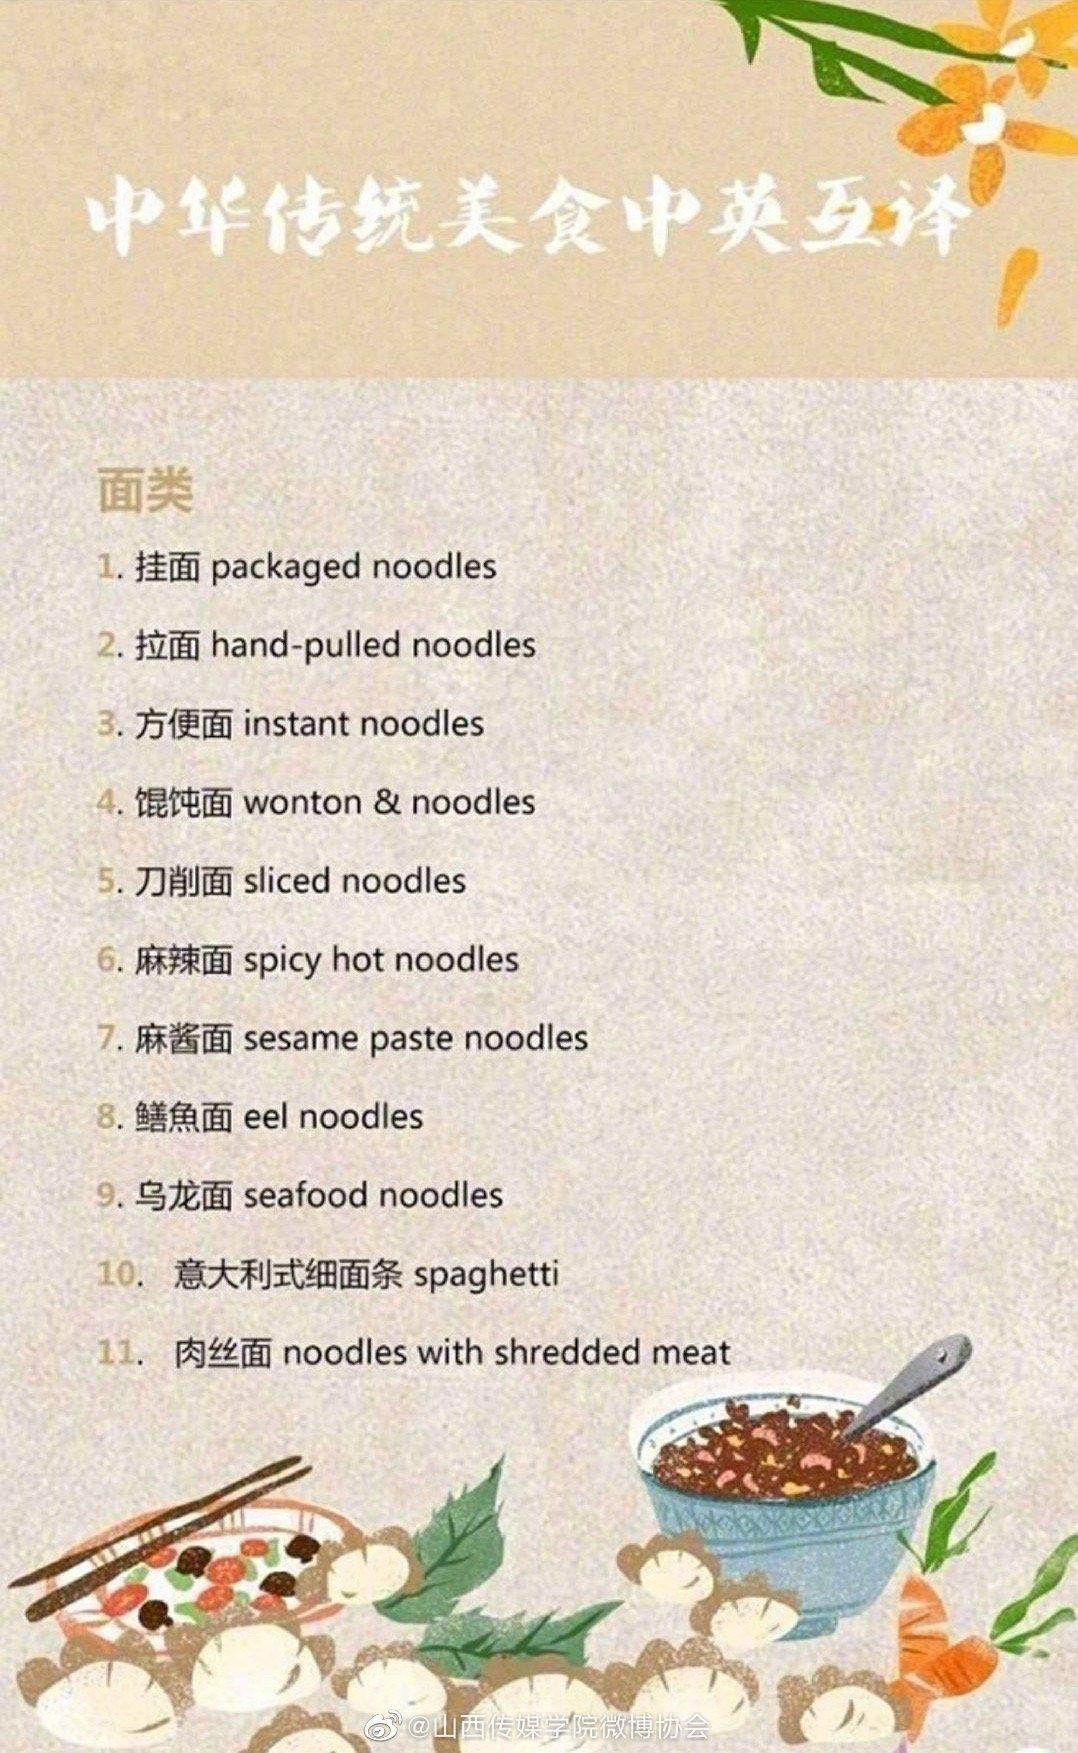 中华传统美食中英互译!!近年来不论是英语四六级考试还是考研英语